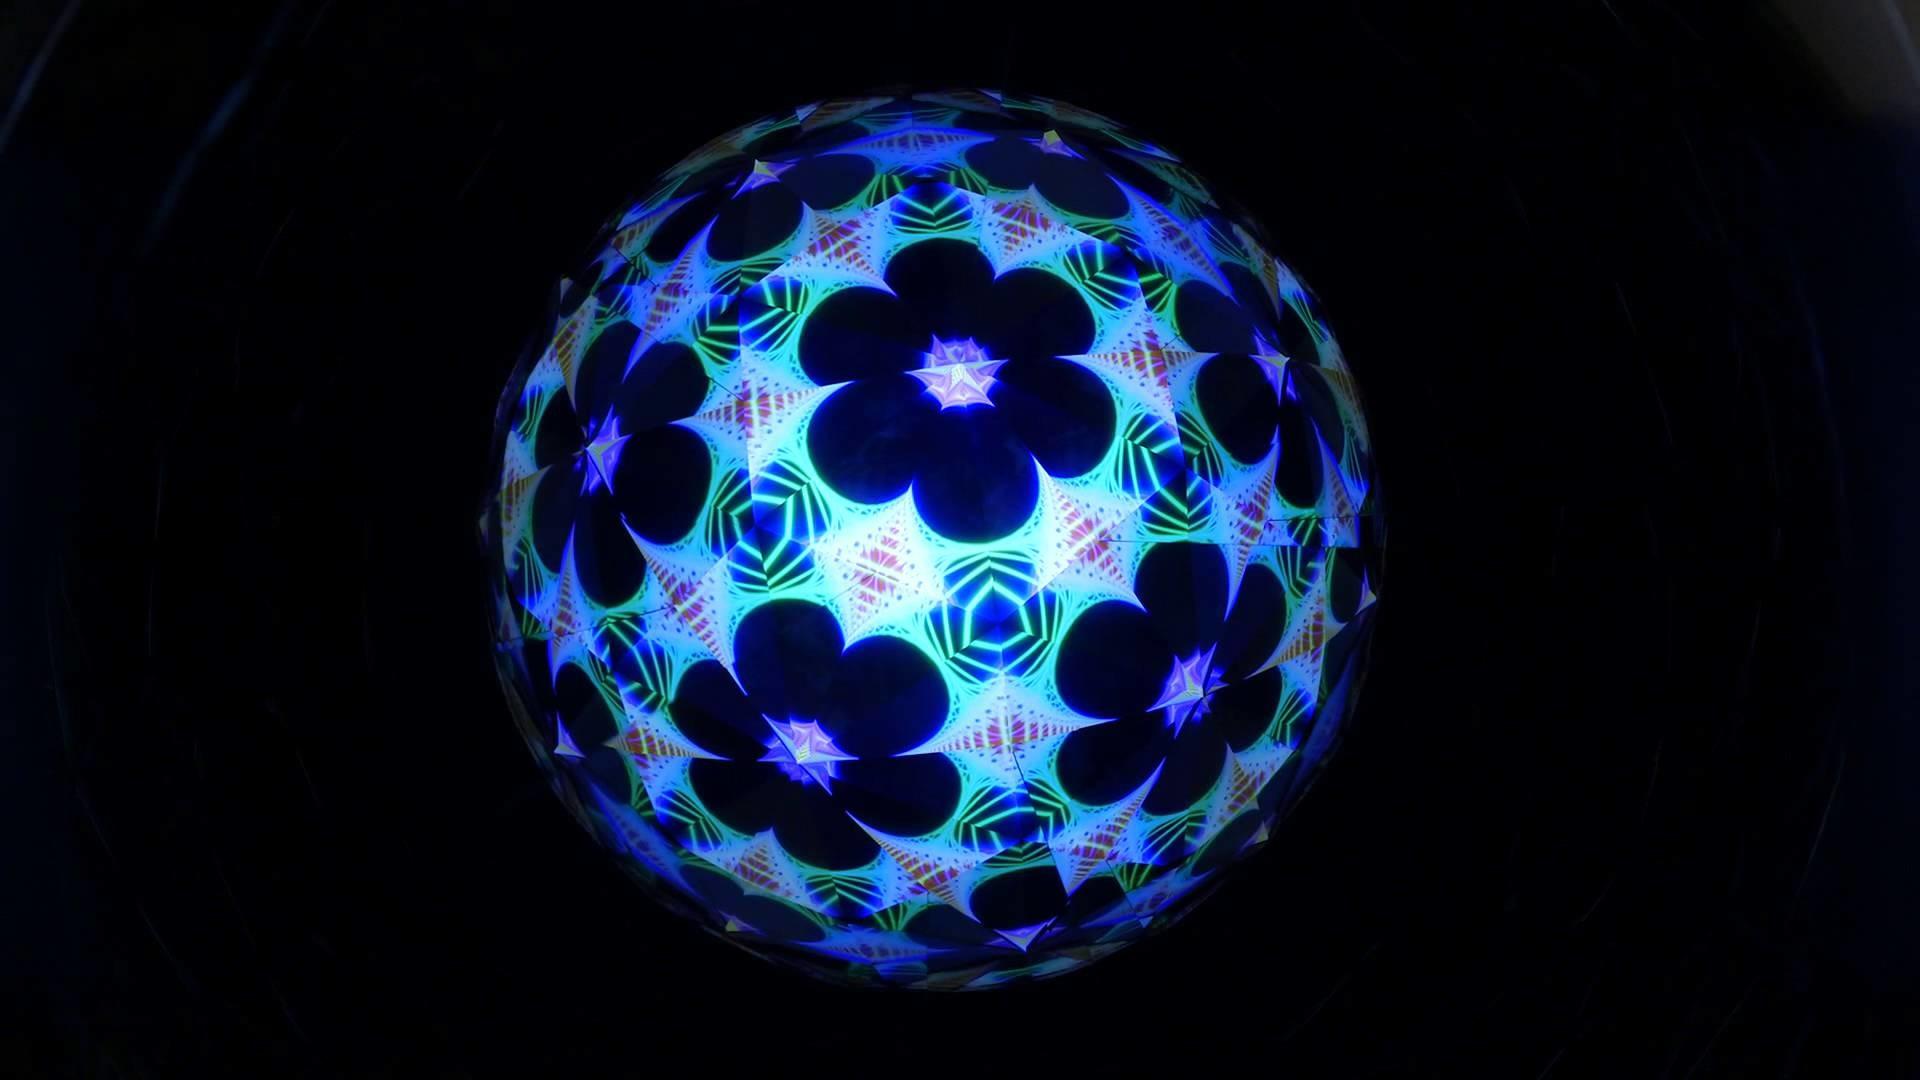 Flower of Life Kaleido-sphere